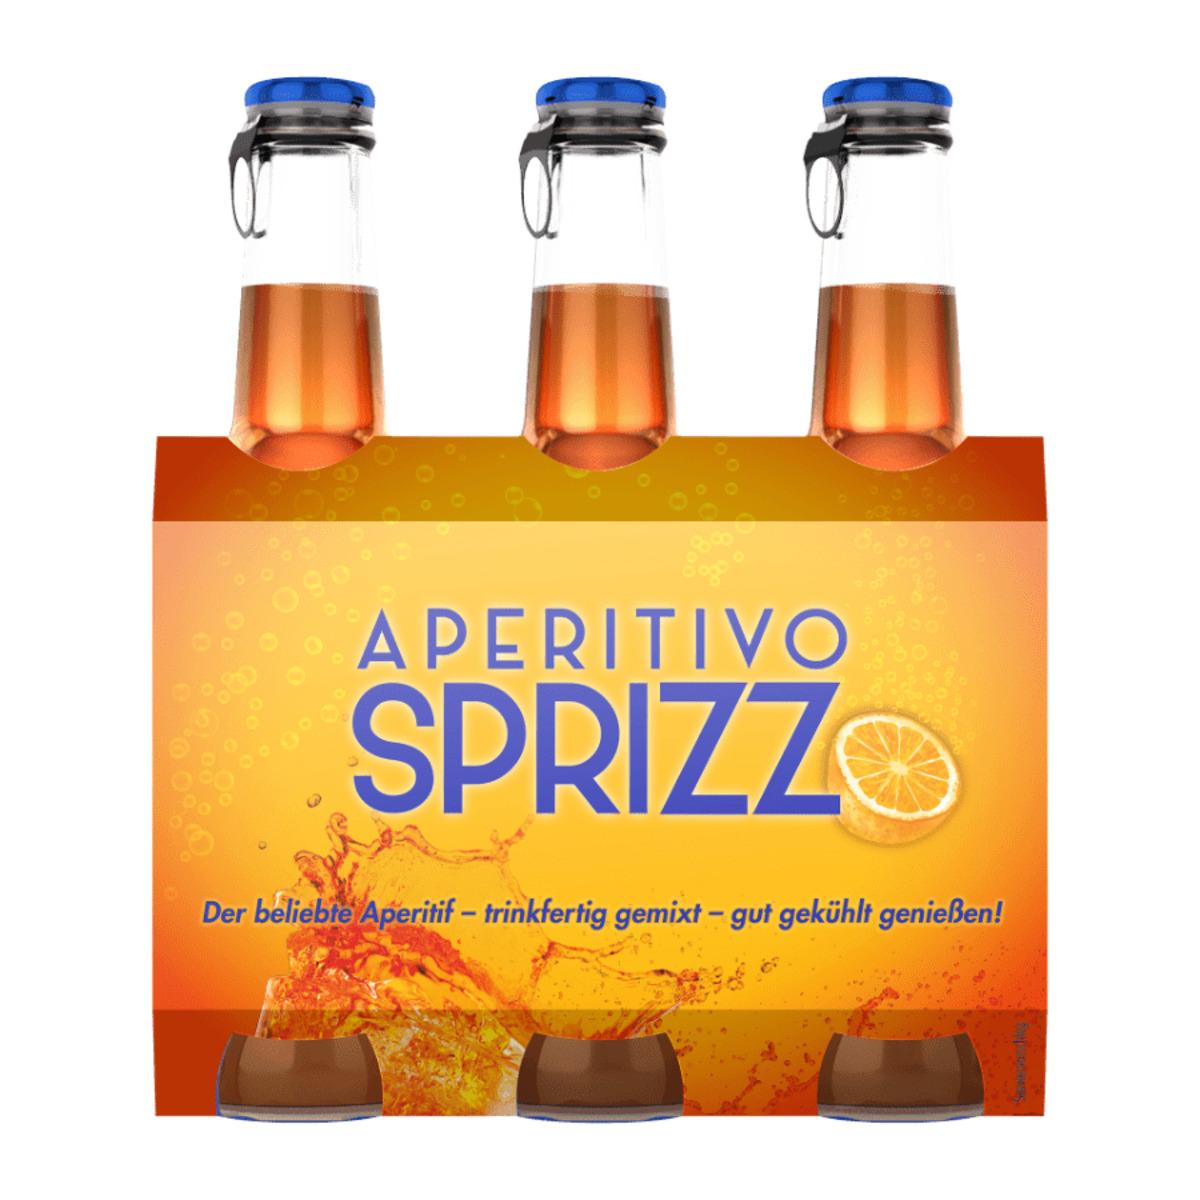 Bild 1 von Aperitivo Sprizz